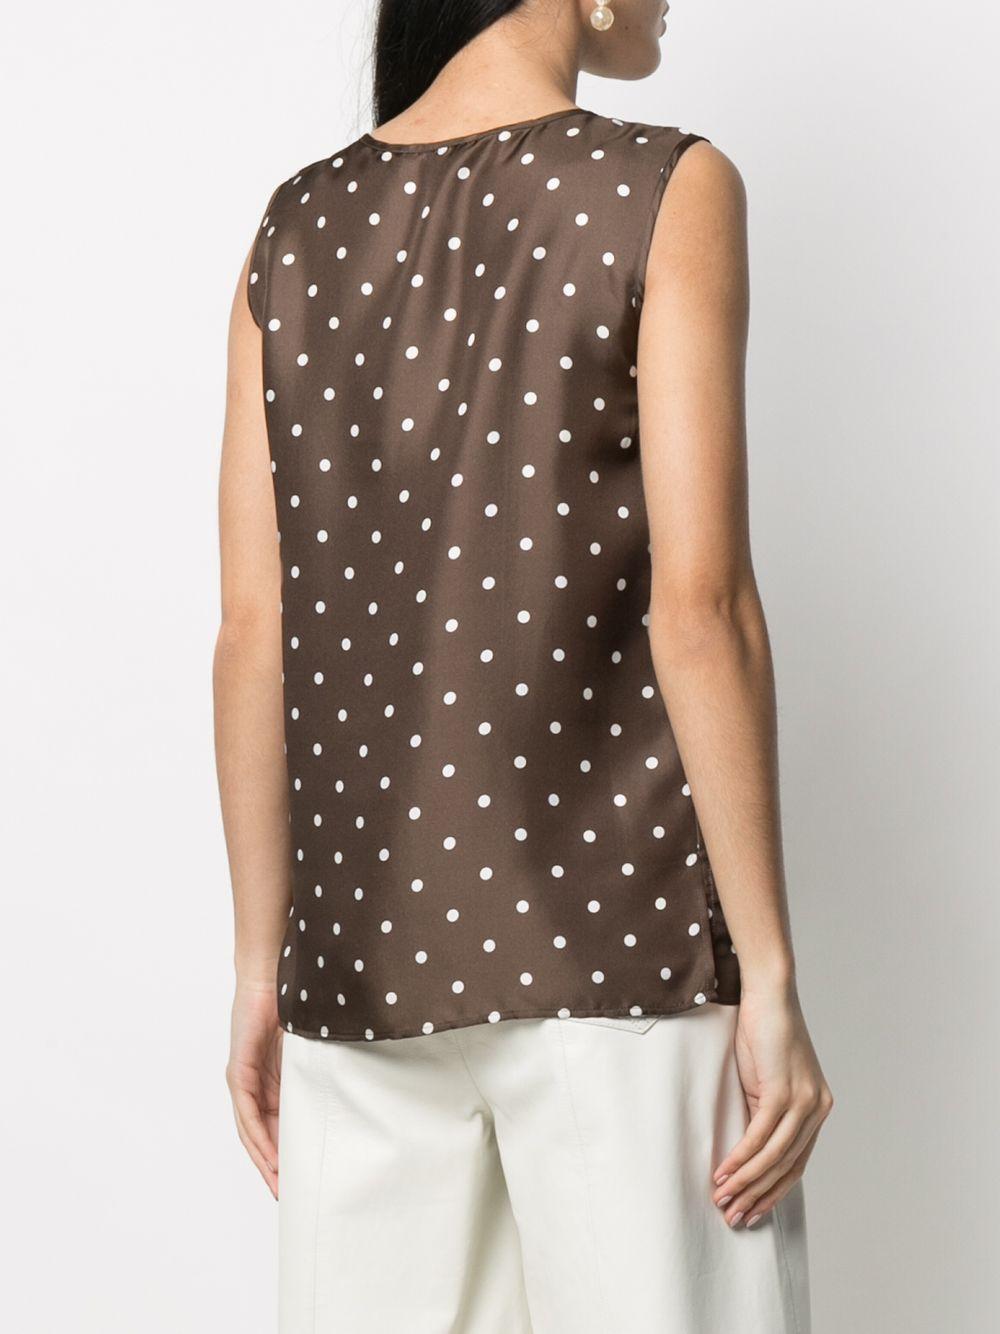 Blusa senza maniche a pois in seta color cioccolato P.A.R.O.S.H. | Camicie | D312010-SIPO808